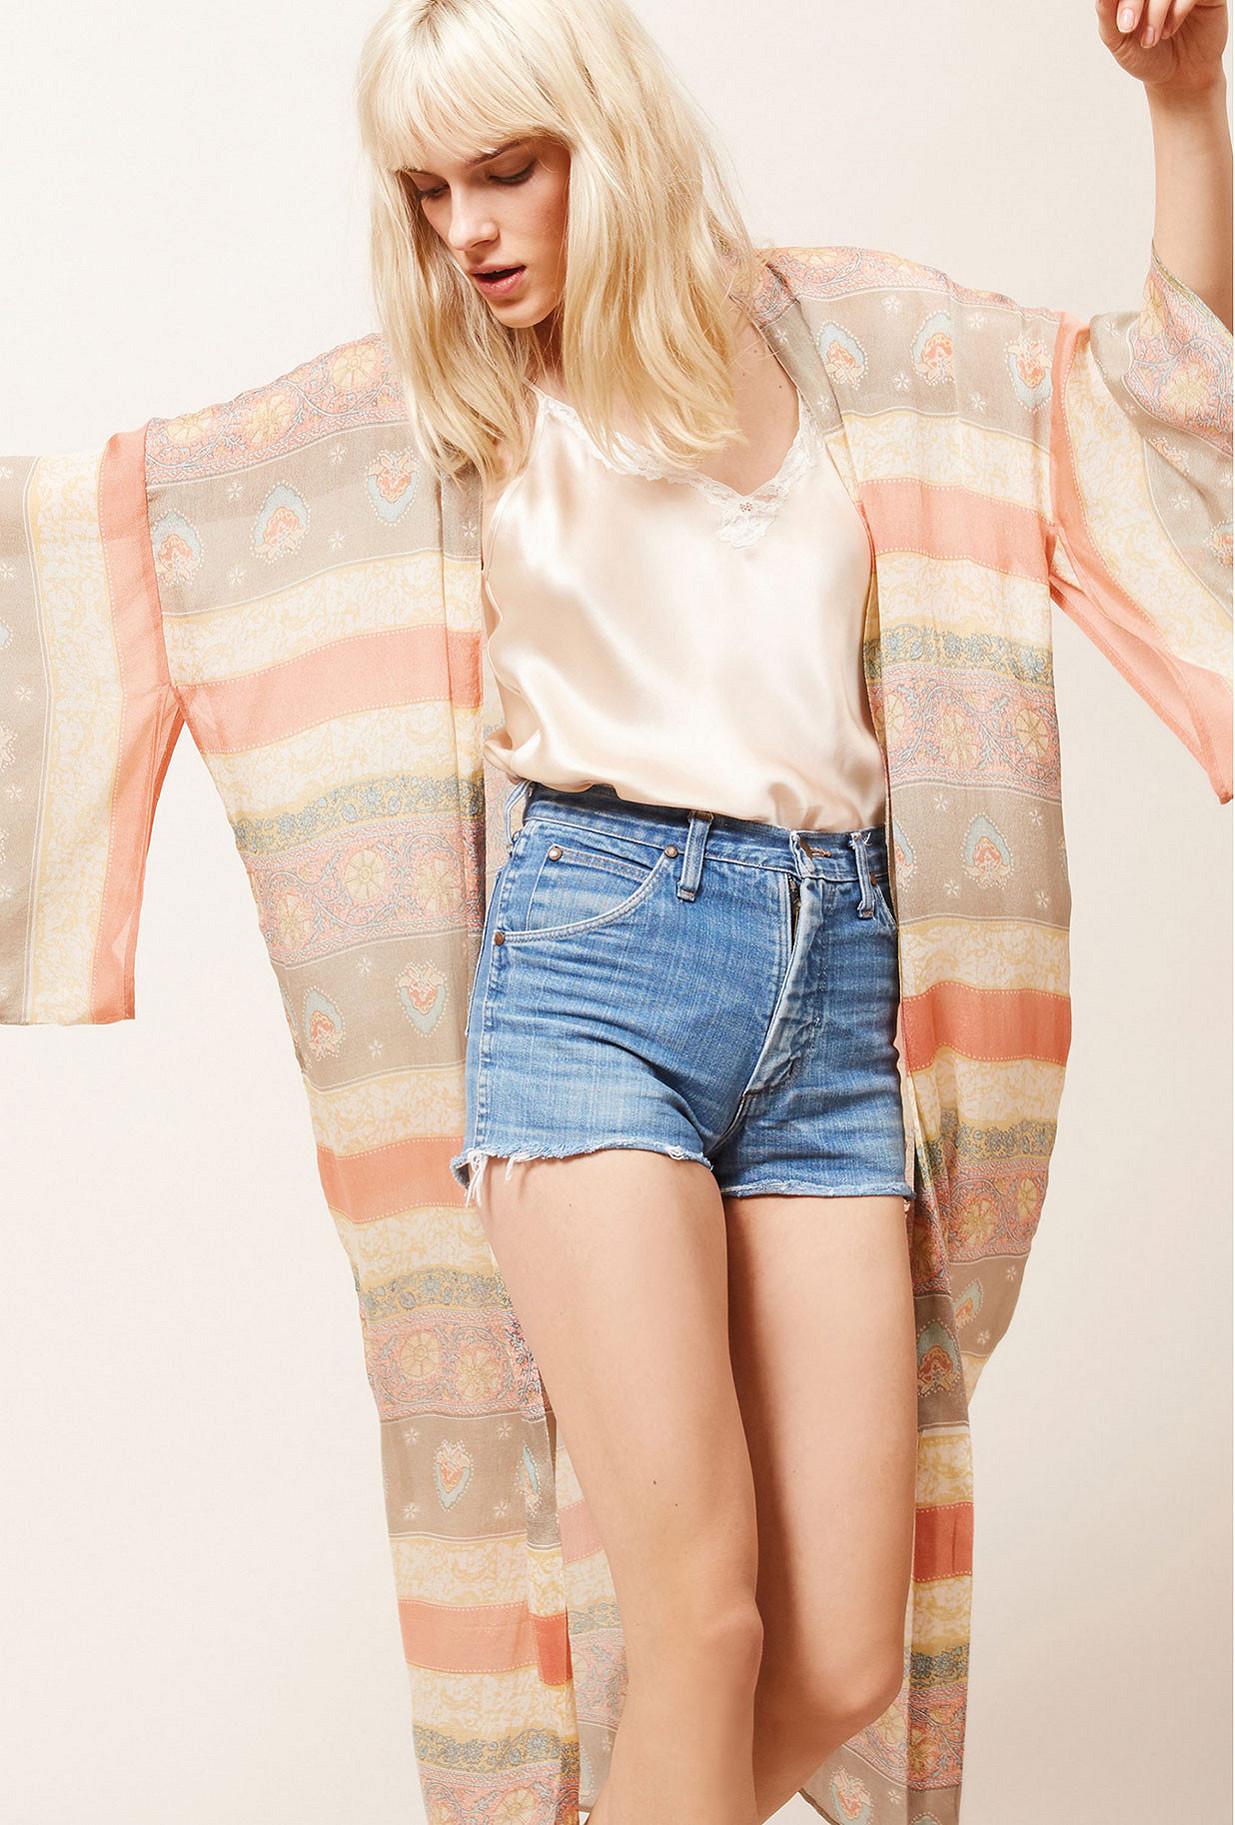 Paris boutique de mode vêtement Kimono créateur bohème  Pirosh